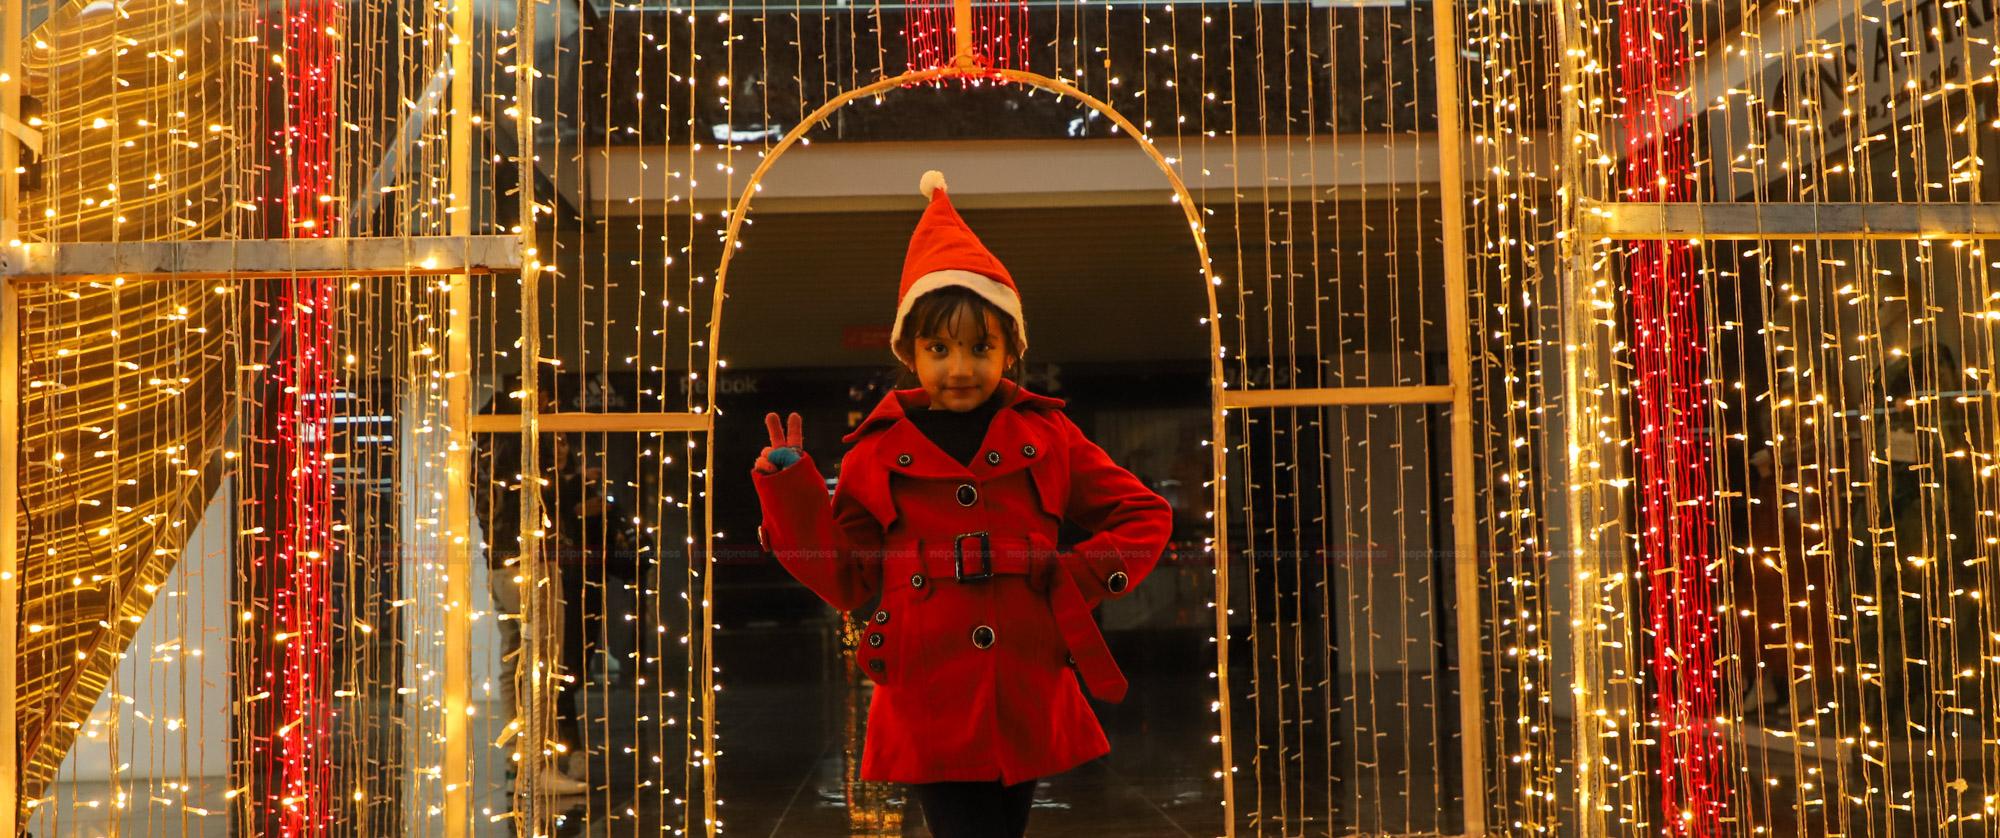 कोरोना कहरमा क्रिसमस इभको रहर (फोटो फिचर)